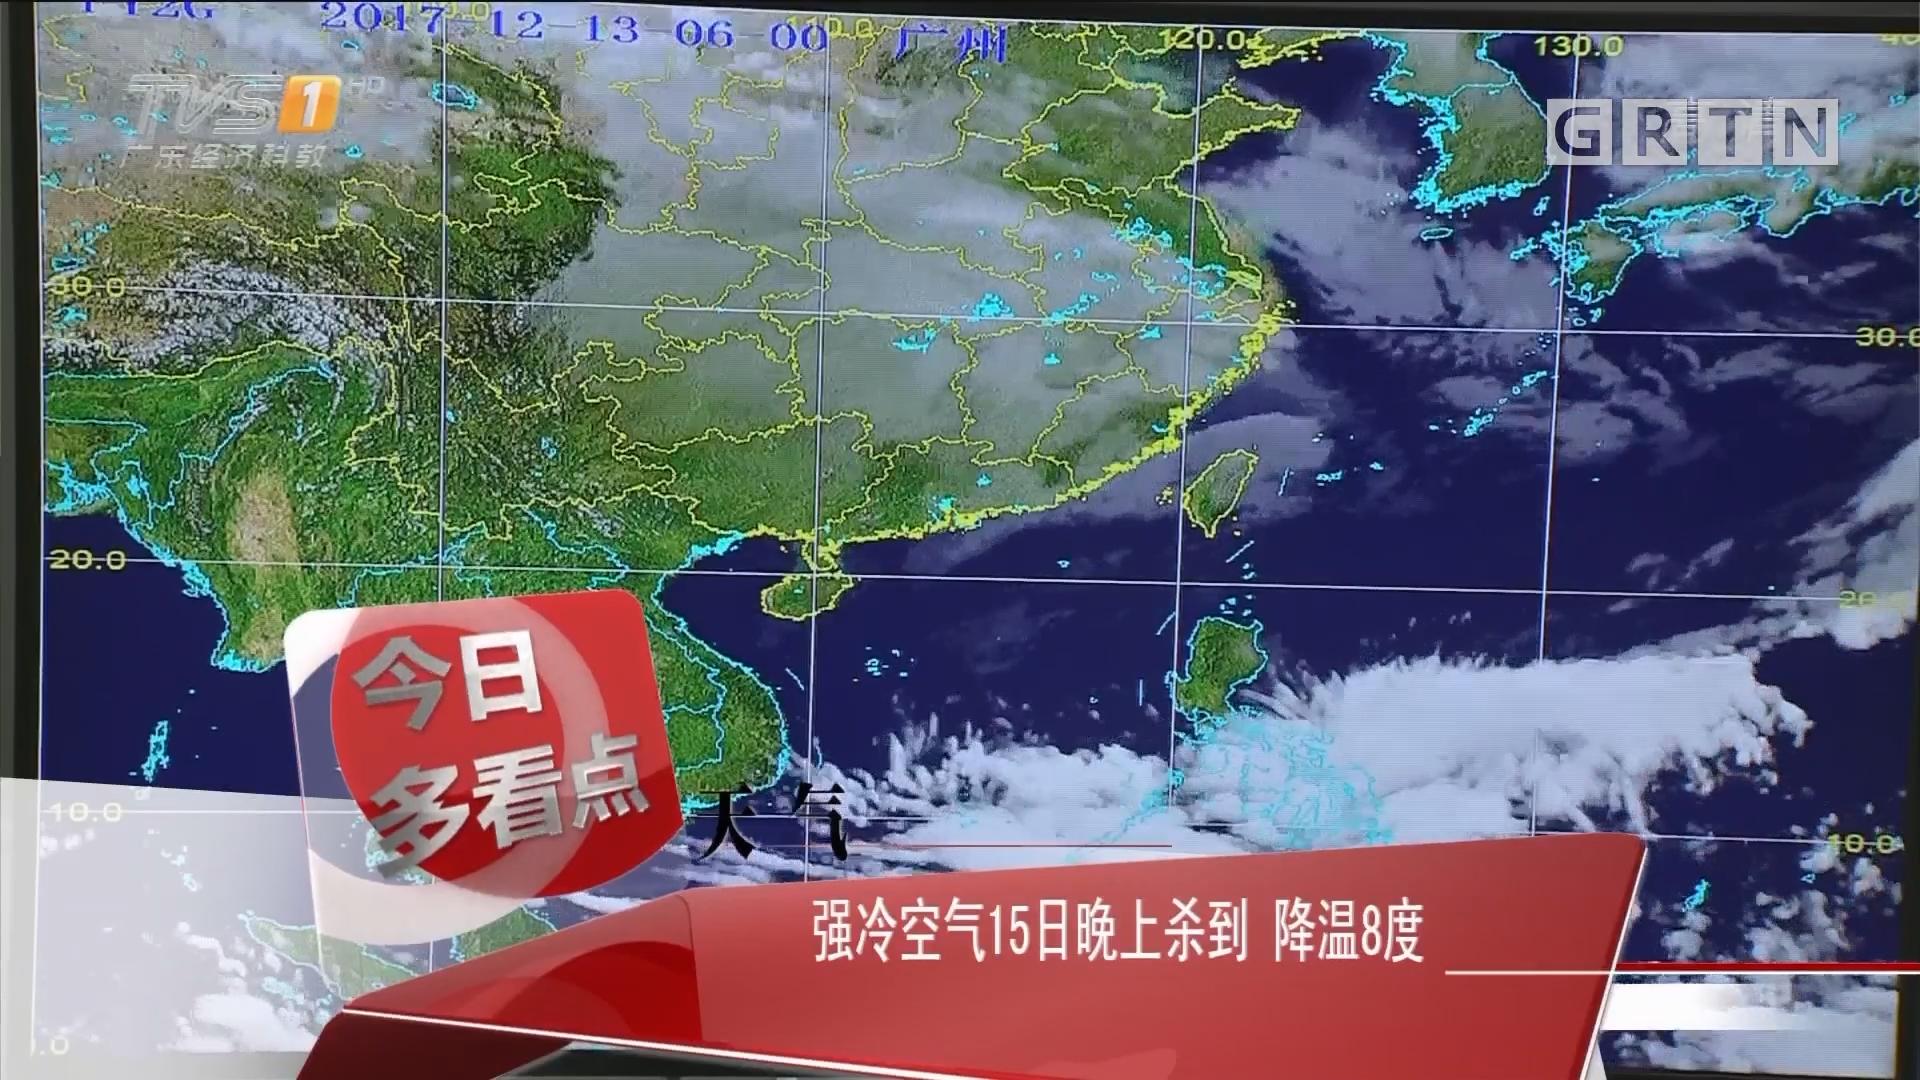 天气:强冷空气15日晚上杀到 降温8度